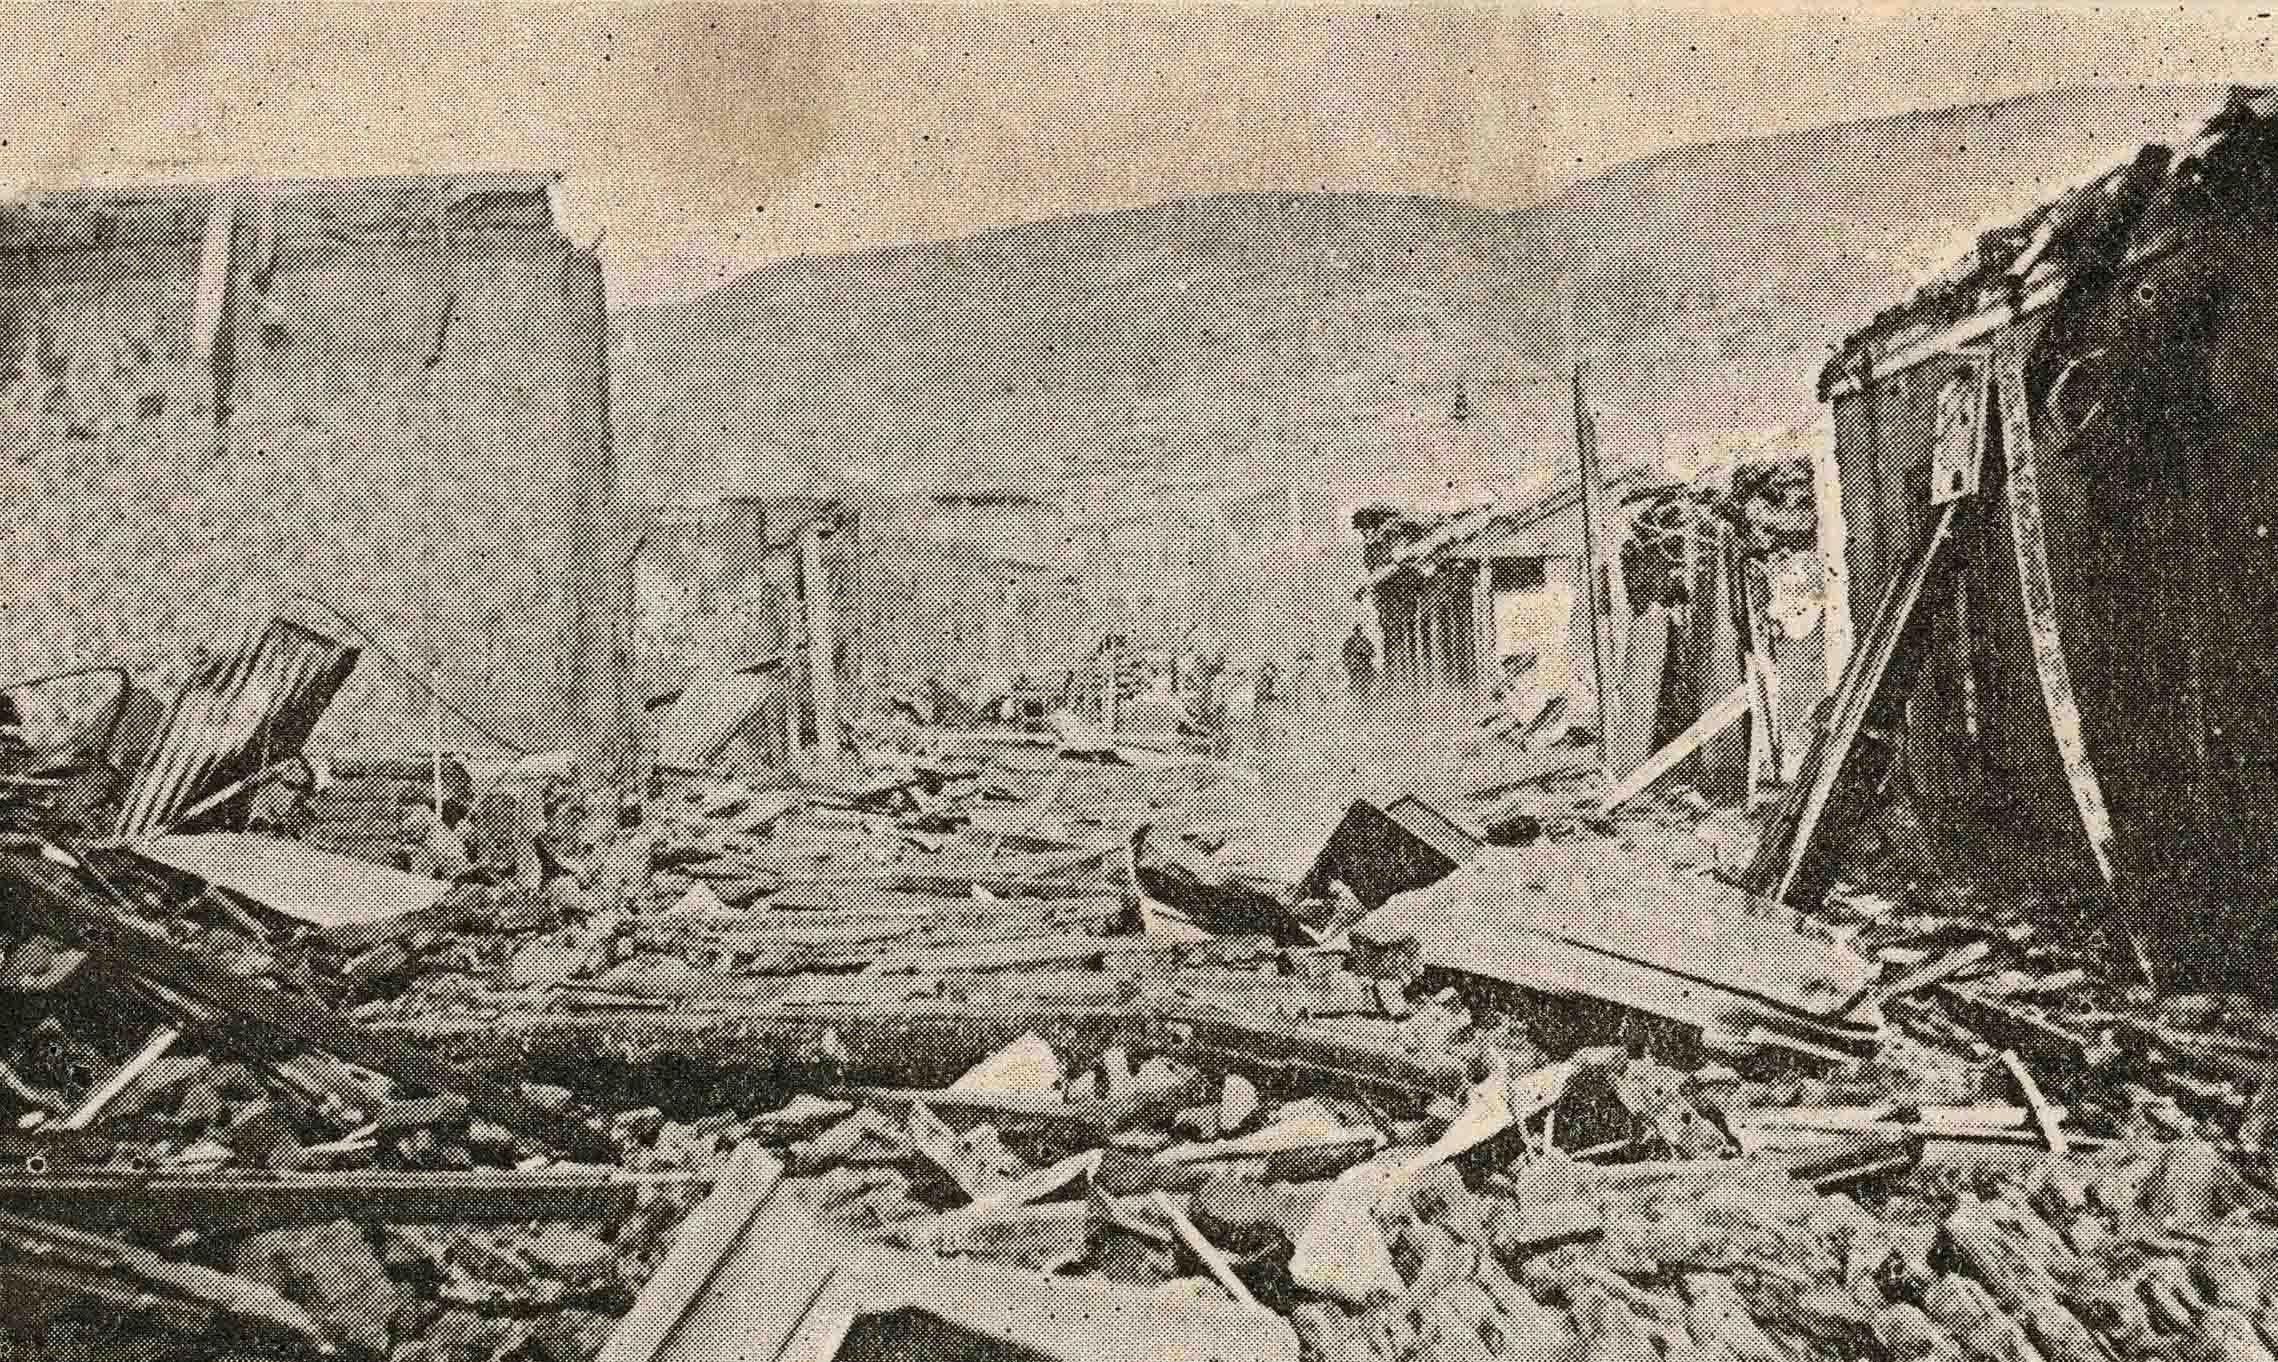 Enterreno - Fotos históricas de chile - fotos antiguas de Chile - El Almendral de valparaíso en 1906